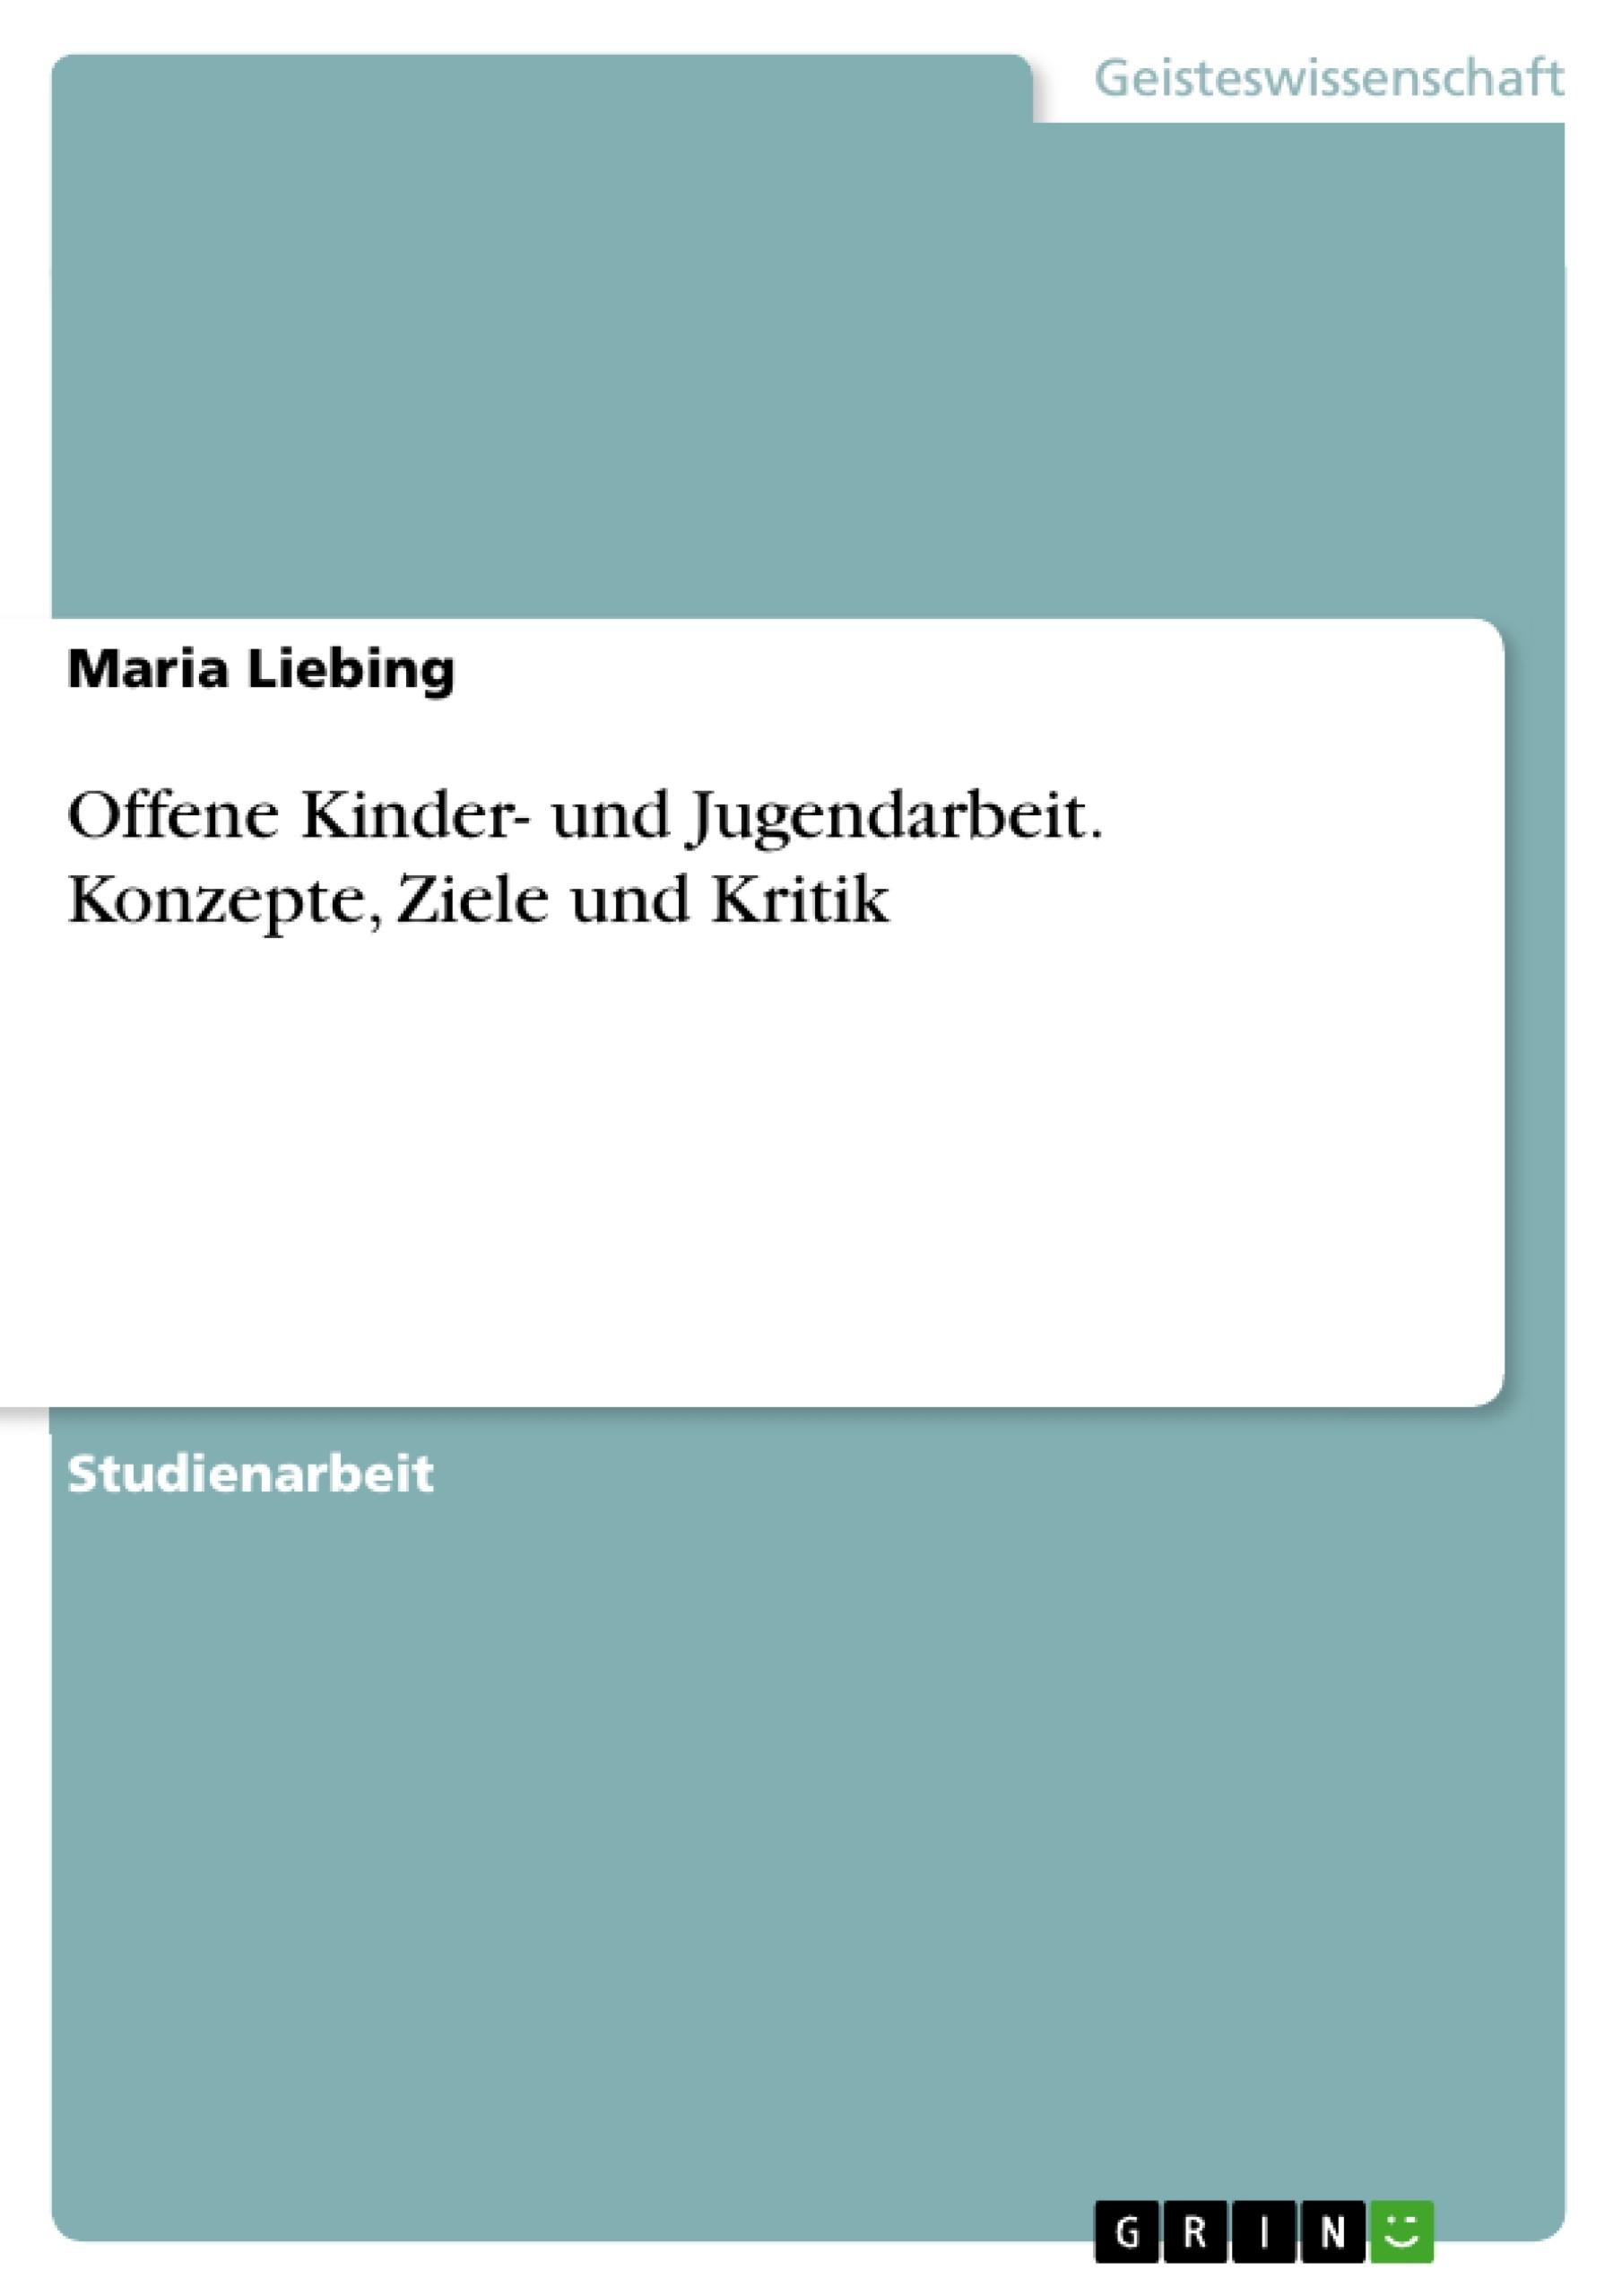 Titel: Offene Kinder- und Jugendarbeit. Konzepte, Ziele und Kritik